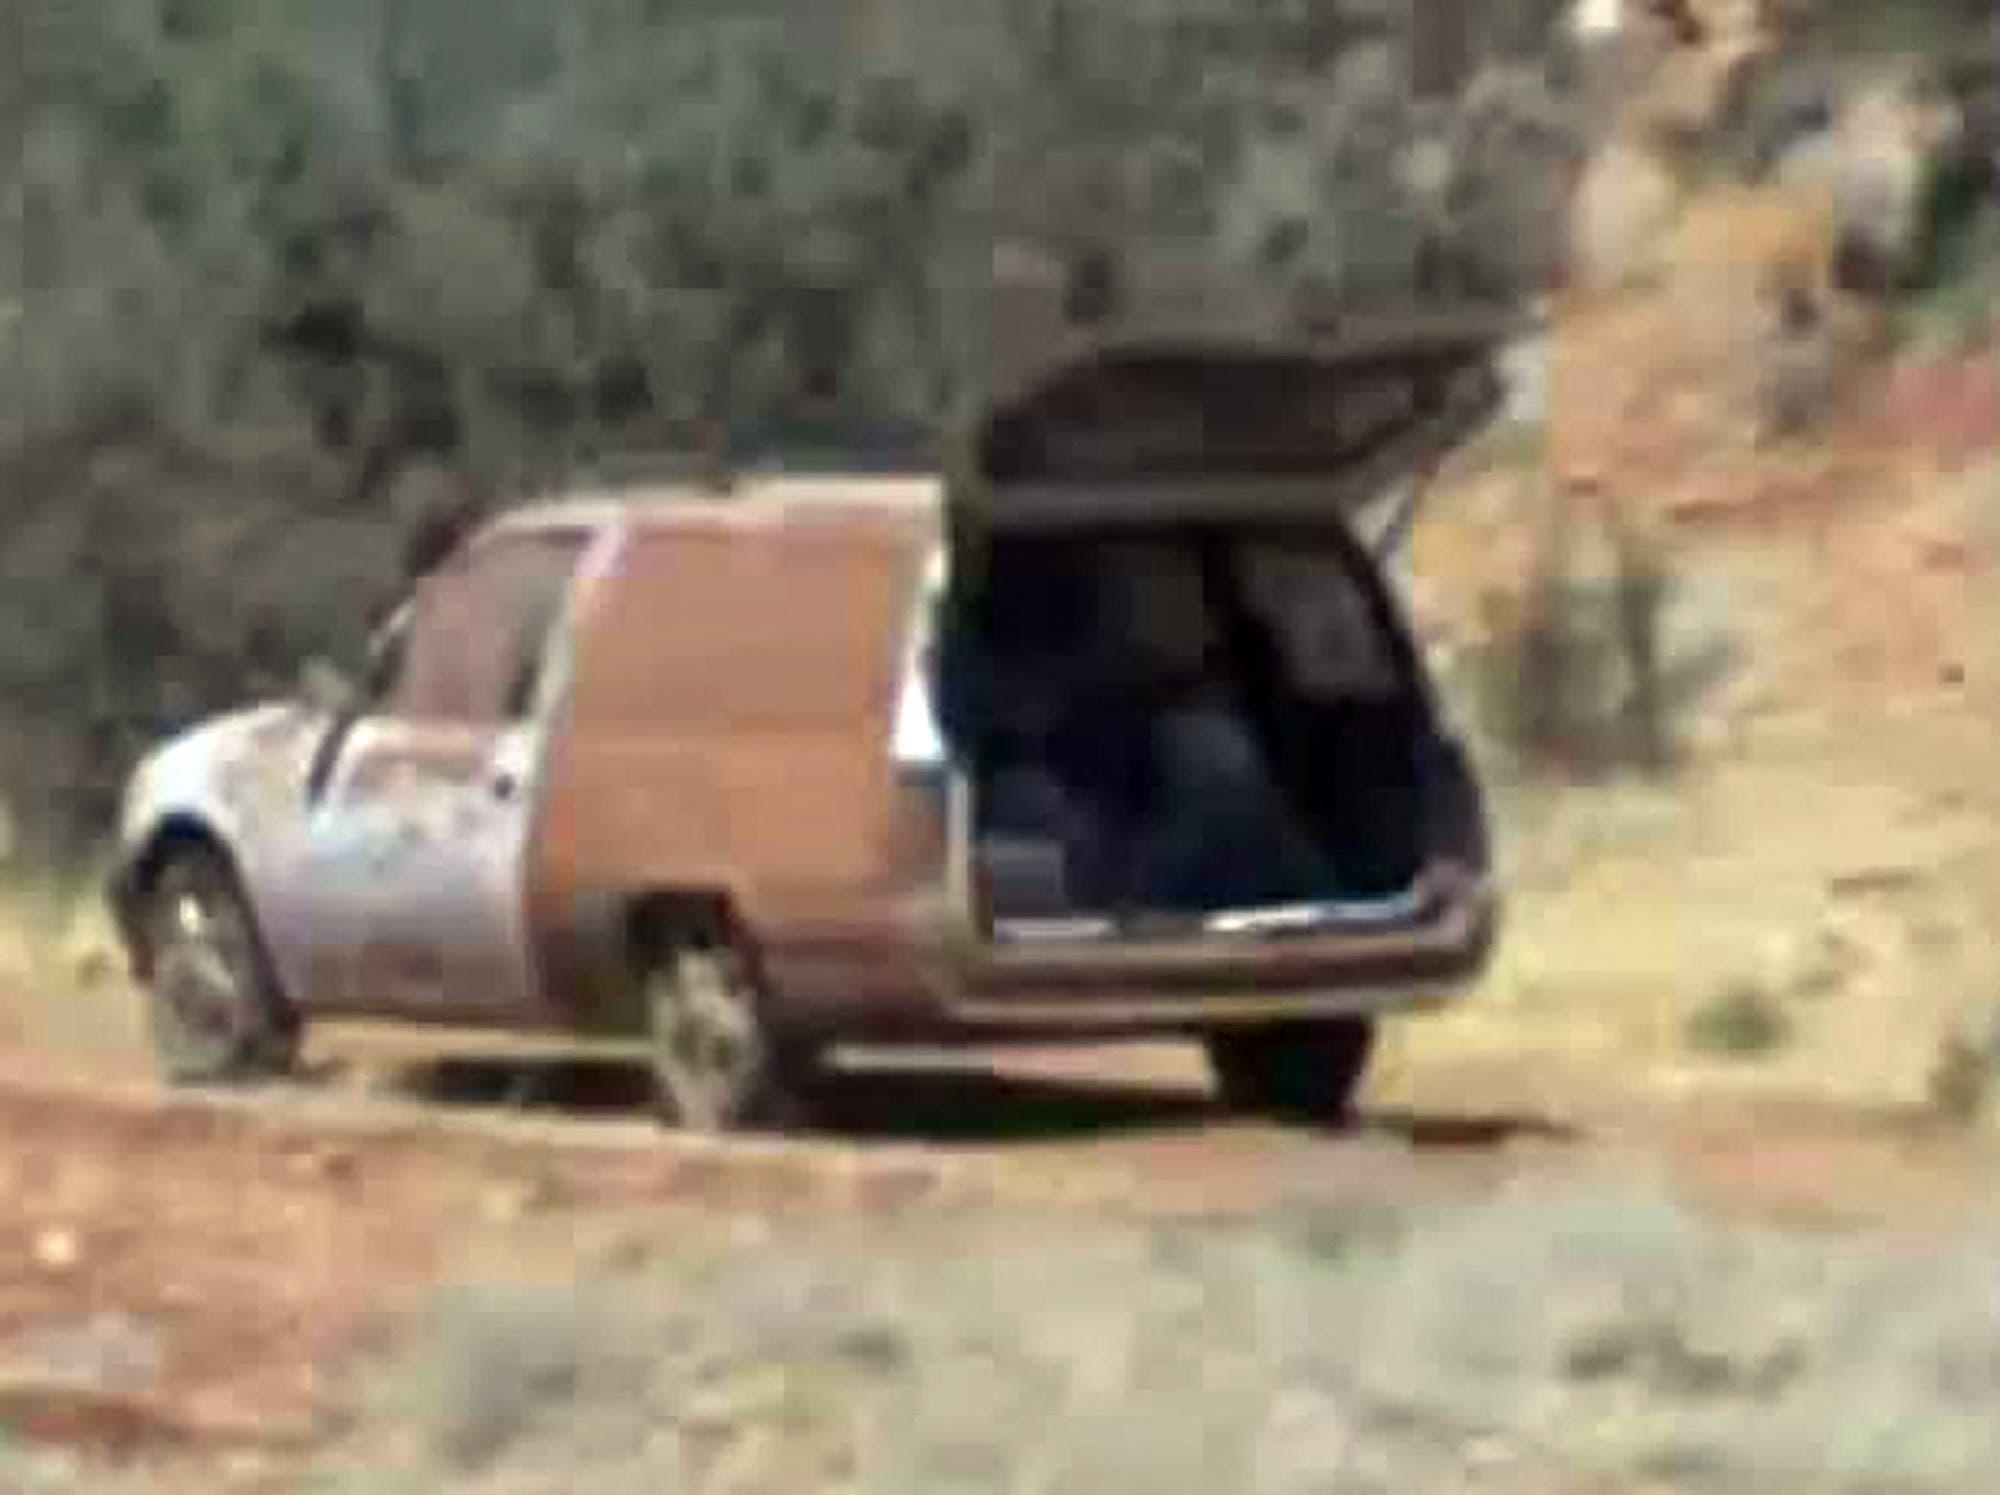 صورة مأخوذة من فيديو تم تحميله على يوتيوب في 1 أكتوبر 2012 يُزعم أنه يُظهر مركبة تنقل الصحافي الأميركي المعتقل أوستن تايس البالغ من العمر 31 عاماً في مكان غير معروف في سوريا